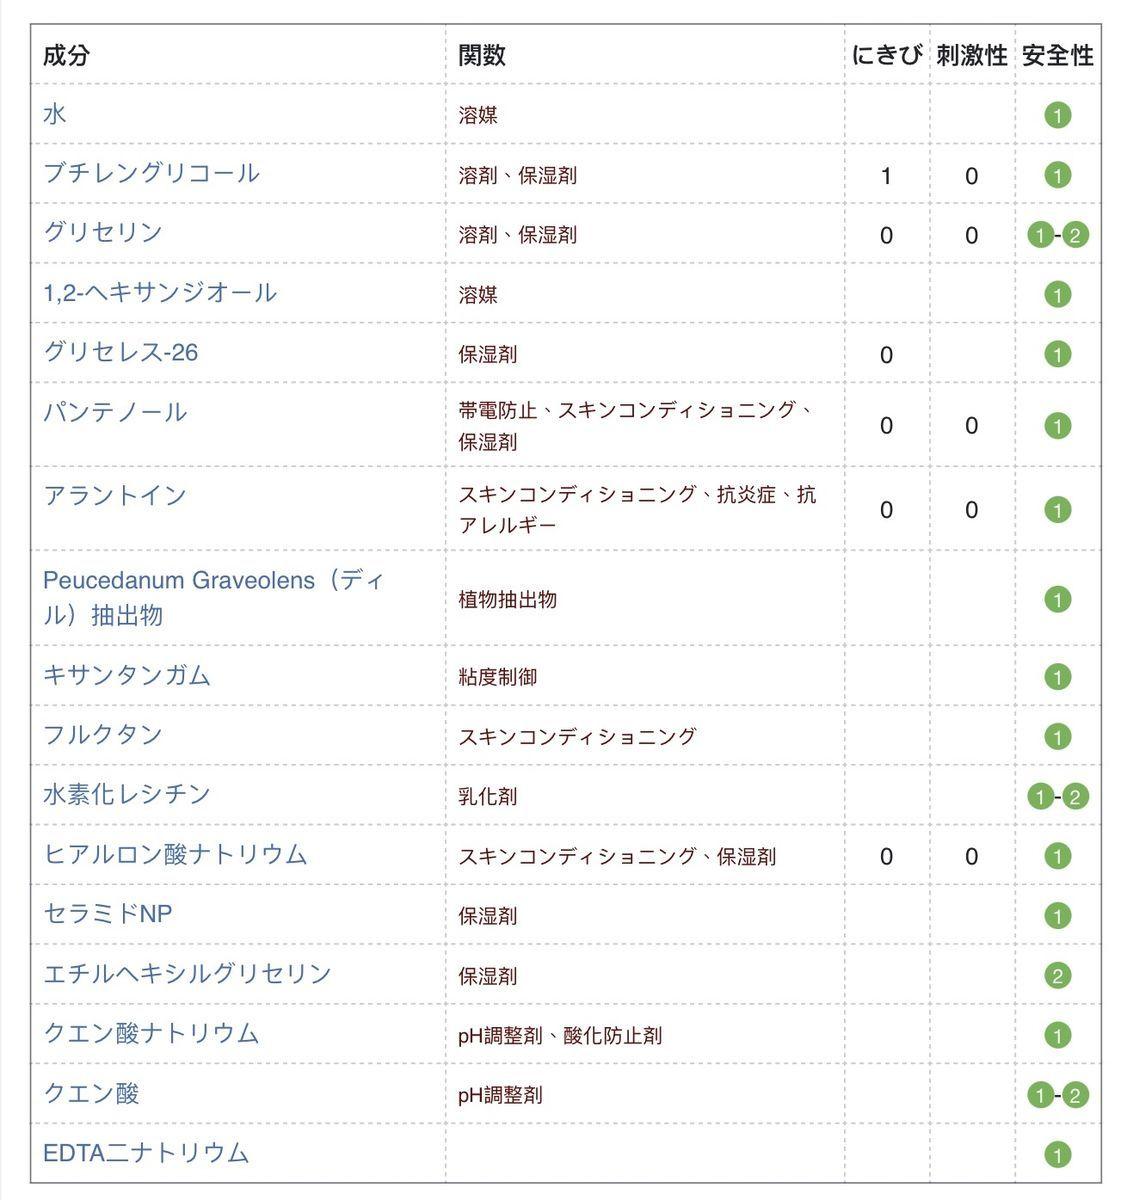 f:id:kusumibyebye:20210904170017j:plain